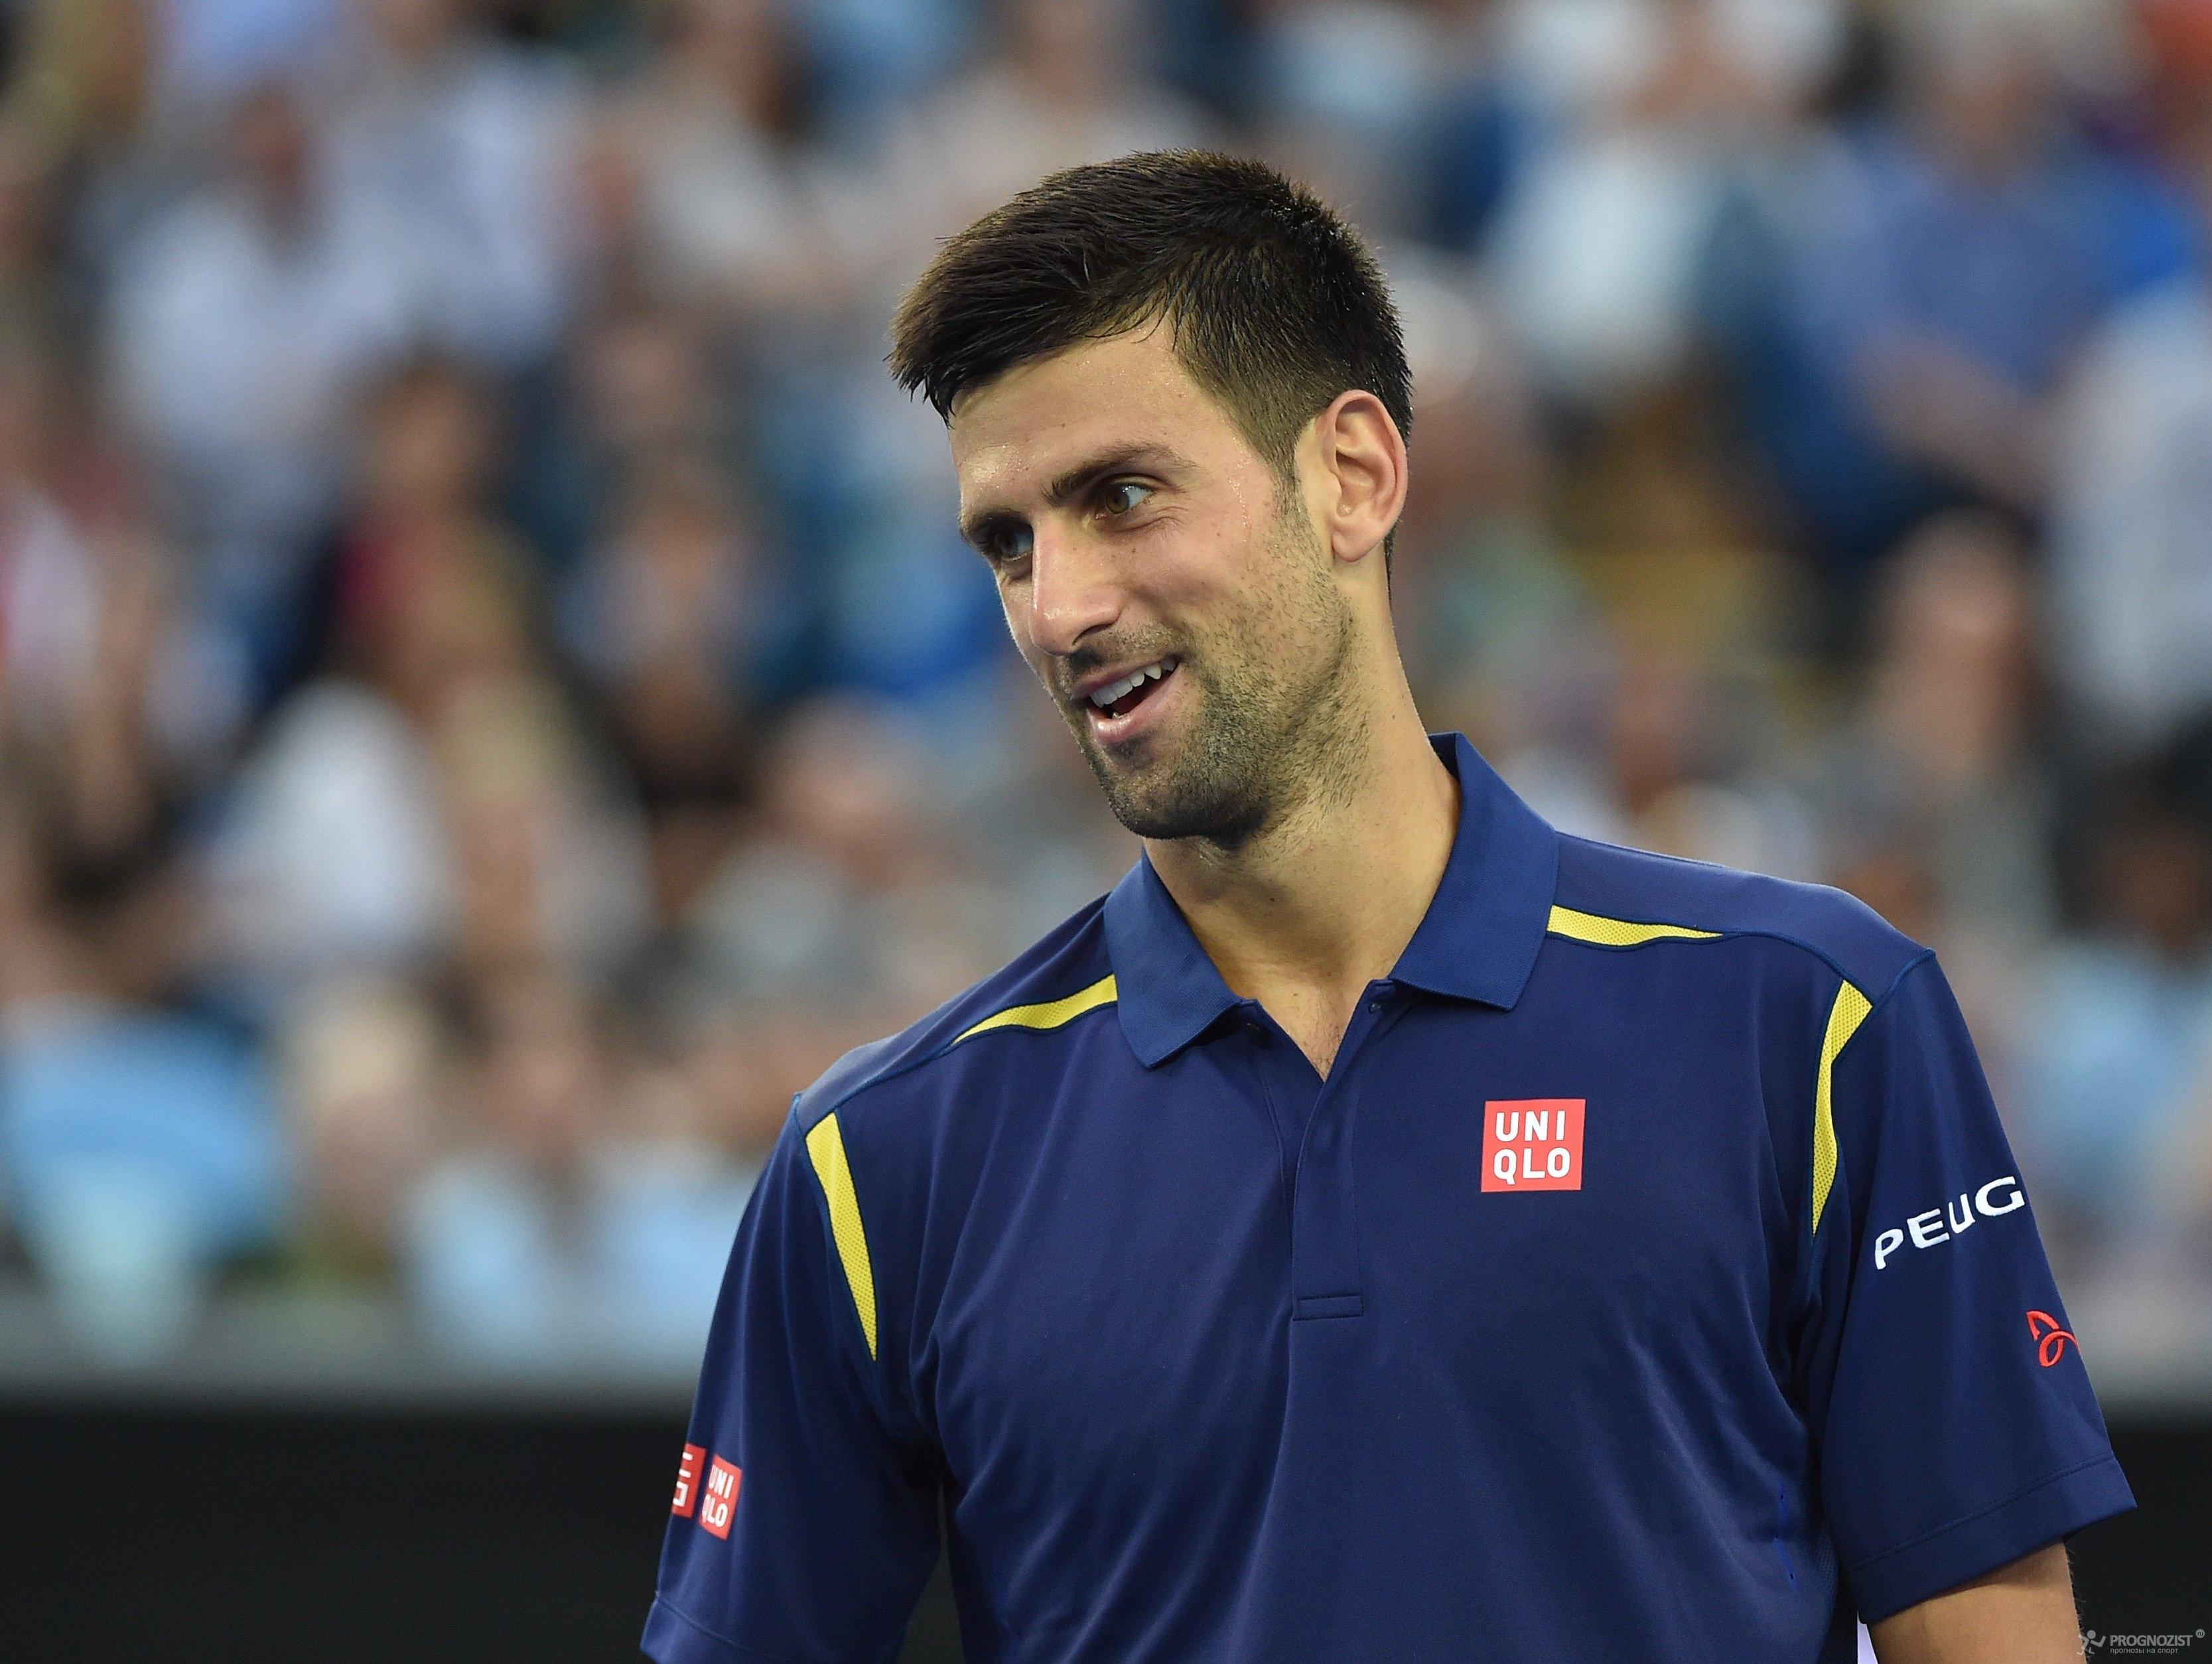 Ставки на матч Тим – Куэрри, прогноз на теннис от 25.10.2018